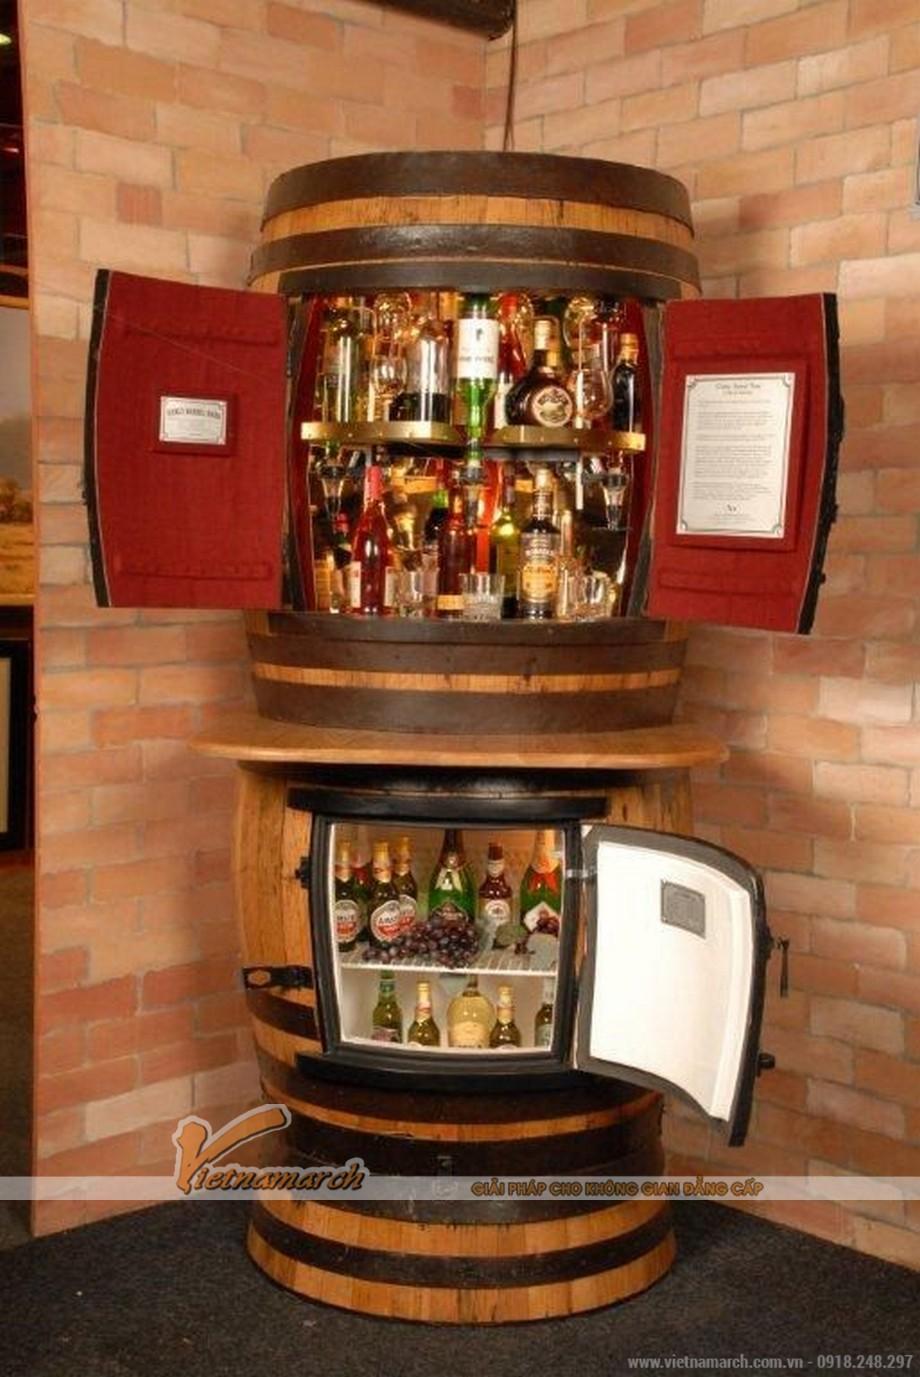 Tổng hợp các mẫu tủ rượu hiện đại cho không gian nội thất thêm sang trọng-02